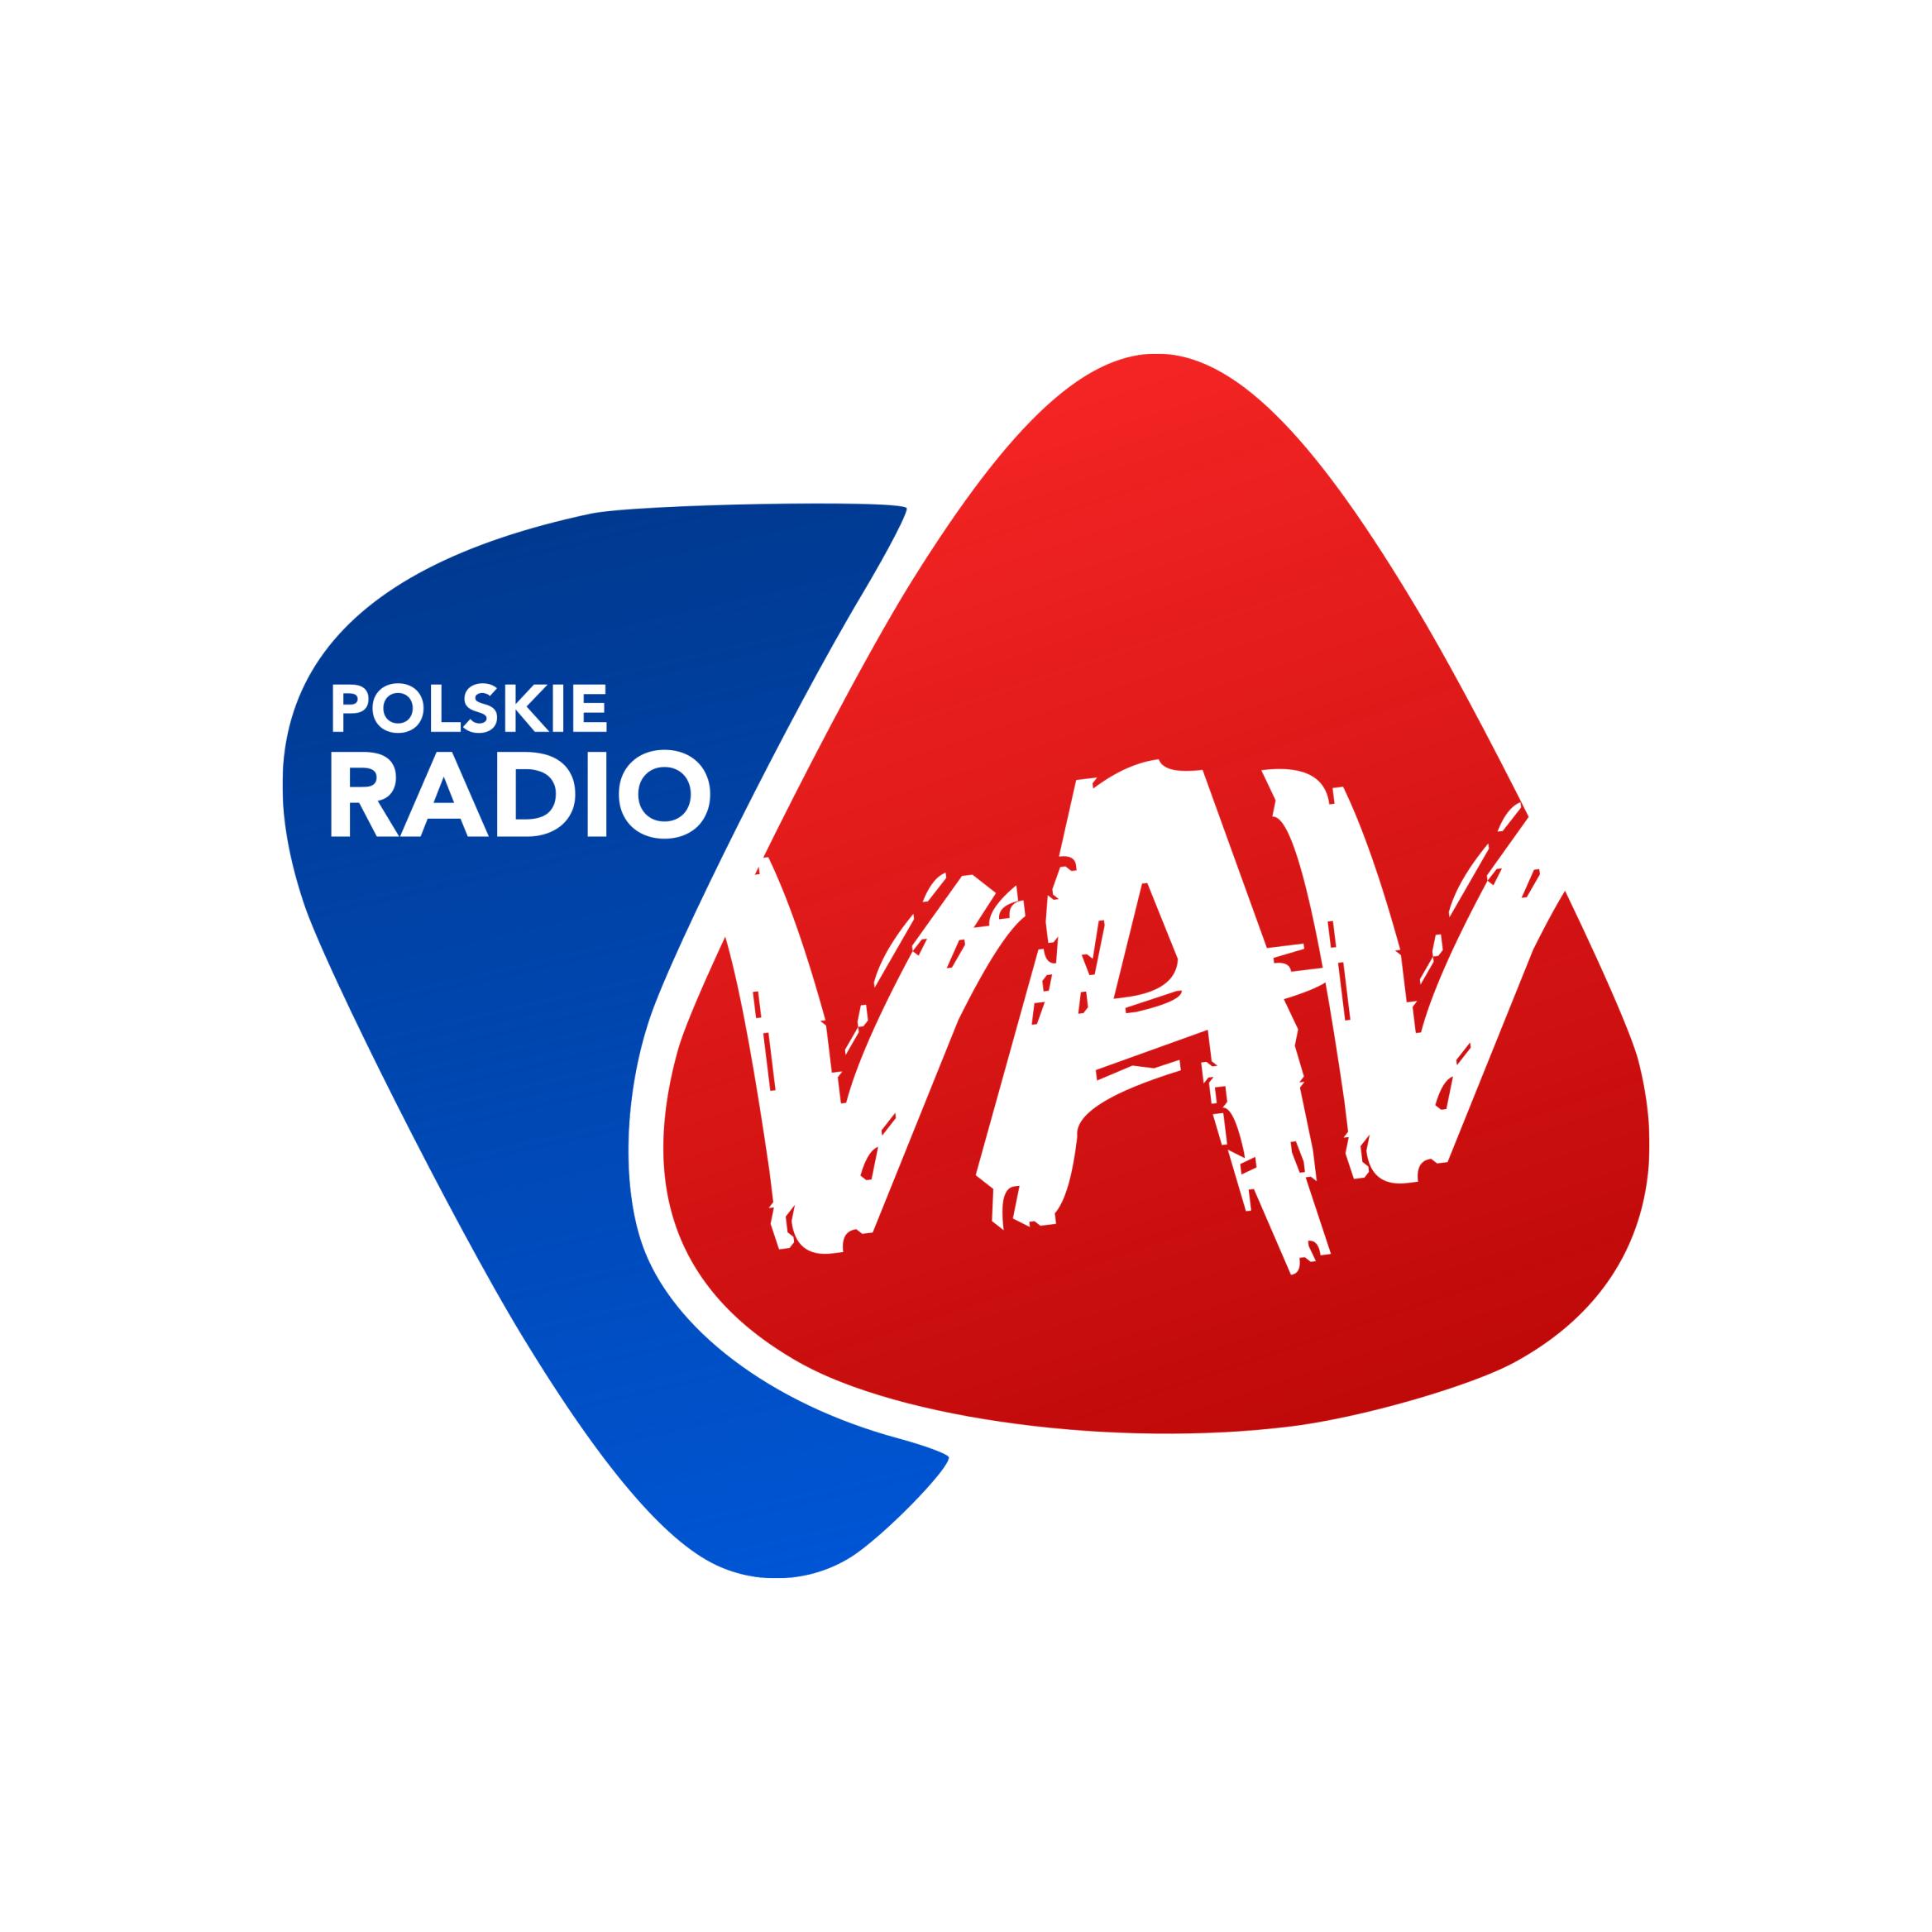 Polskie RadioVAV